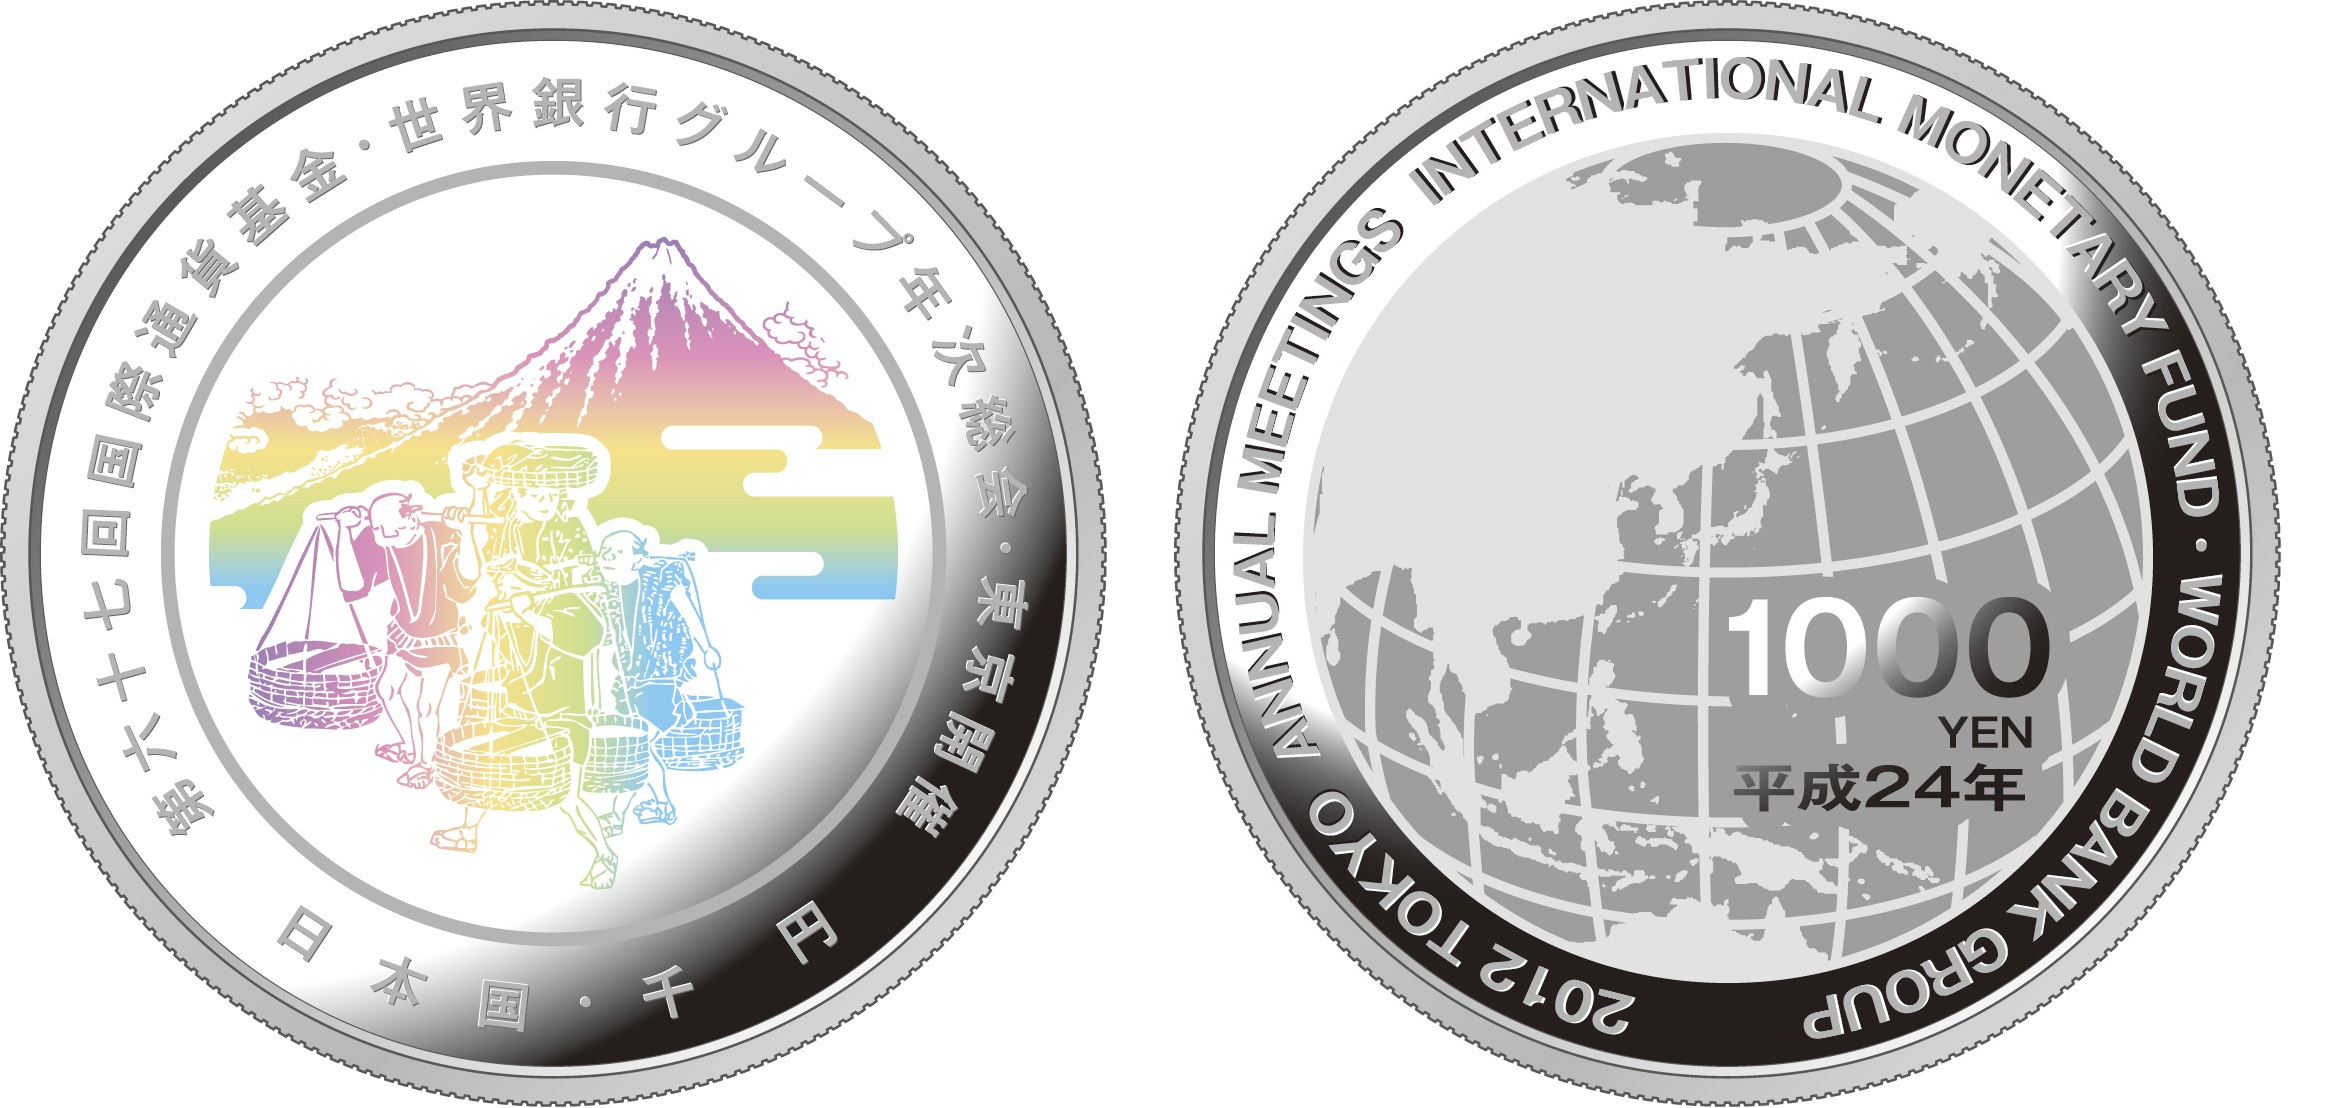 第67回国際通貨基金・世界銀行グループ年次総会記念1,000銀貨幣